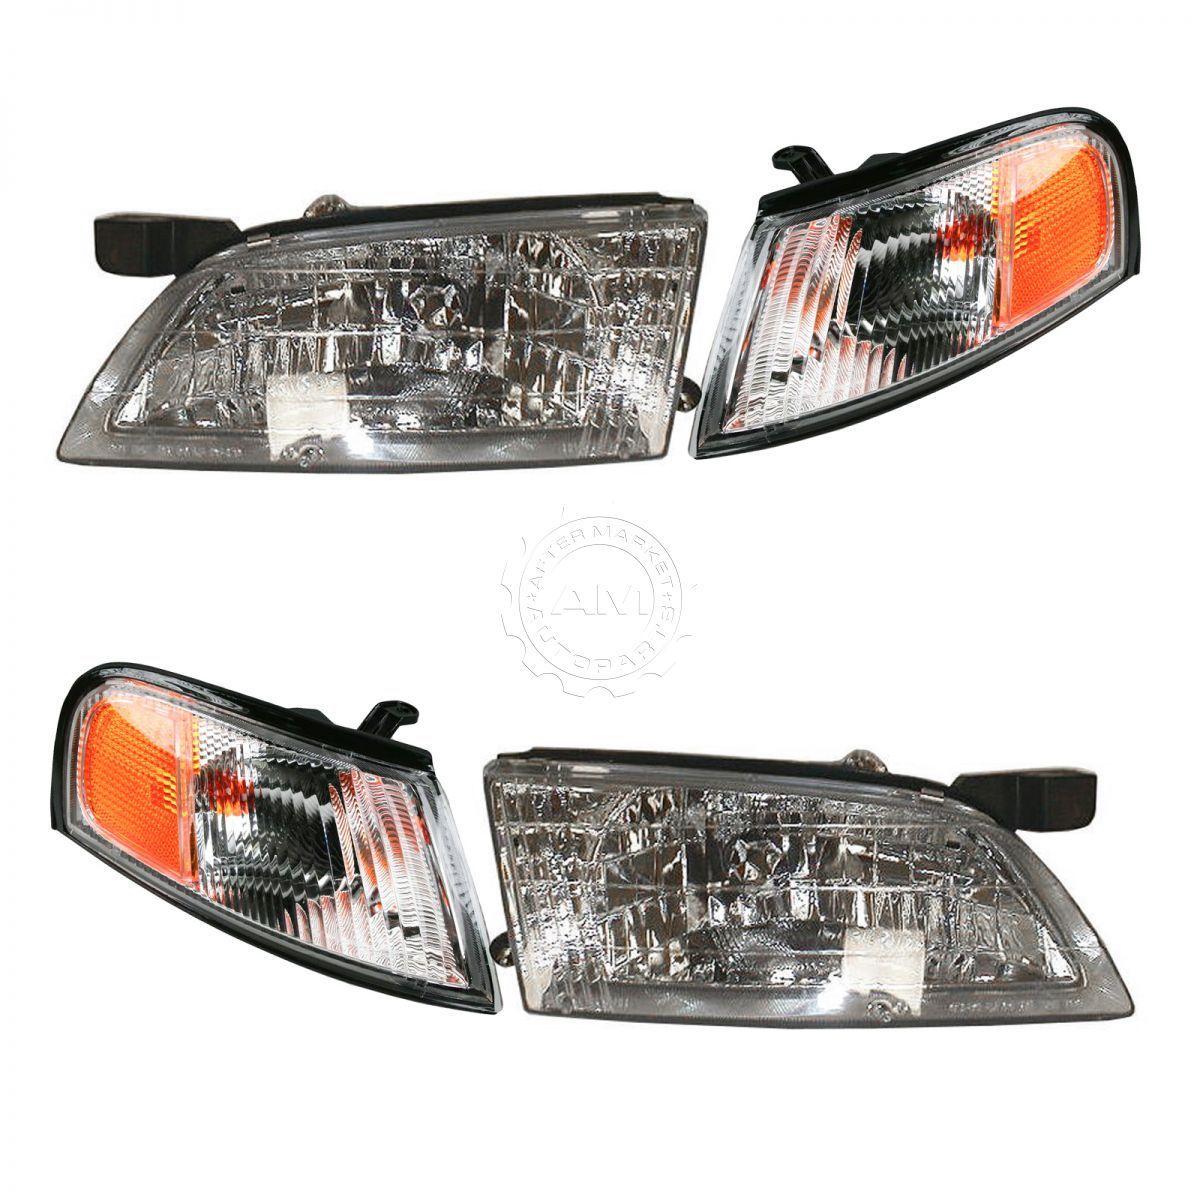 コーナーライト Headlights Headlamps & Parking Corner Lights LH & RH Pair Set for 98-99 Altima ヘッドライトヘッドランプ& パーキングコーナーライトLH& RHペアは98-99アルティマにセット